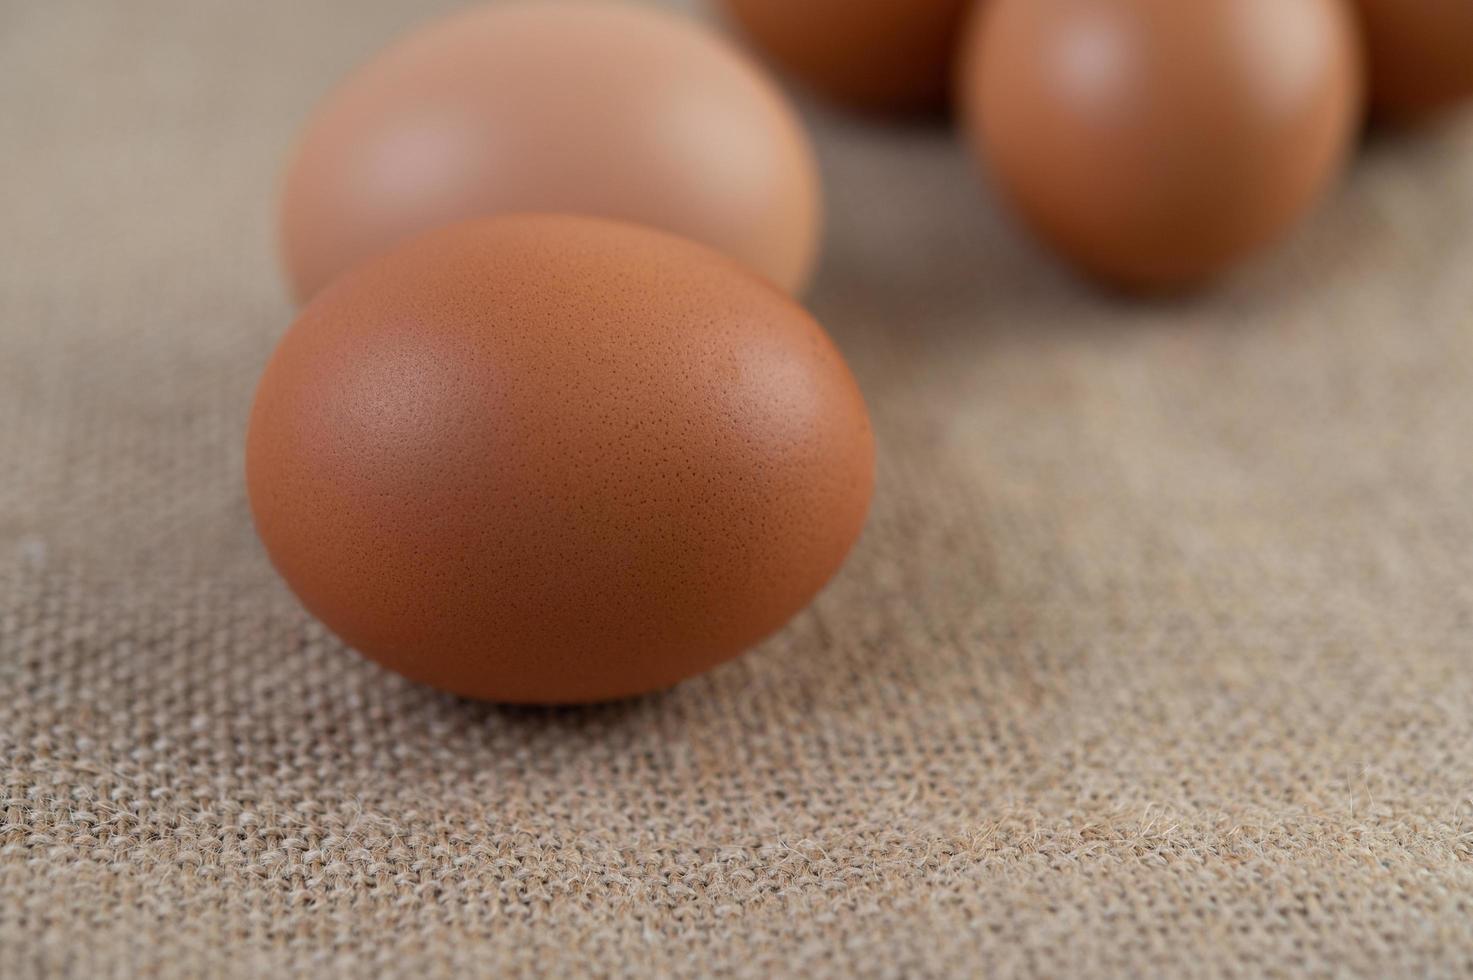 rauwe biologische eieren op een hennepzak foto